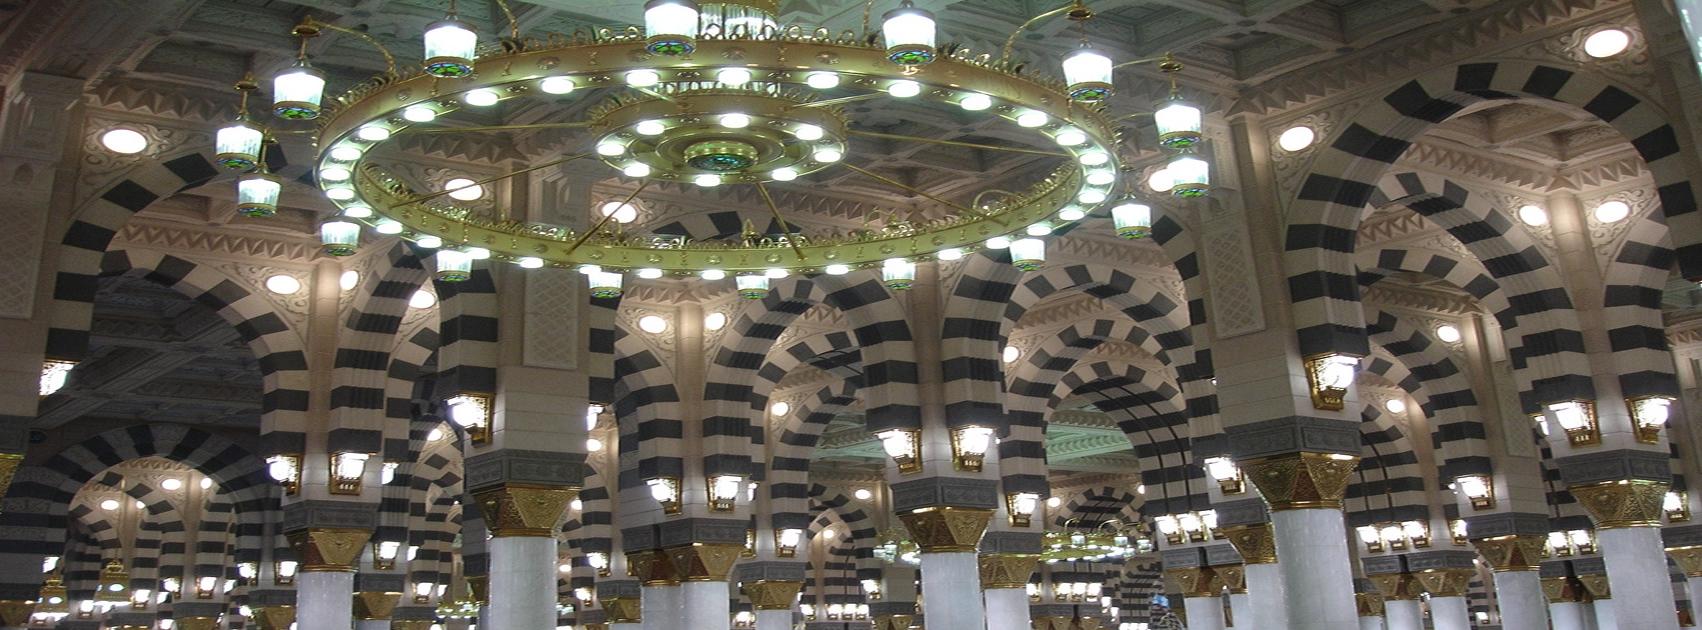 masjid-medina